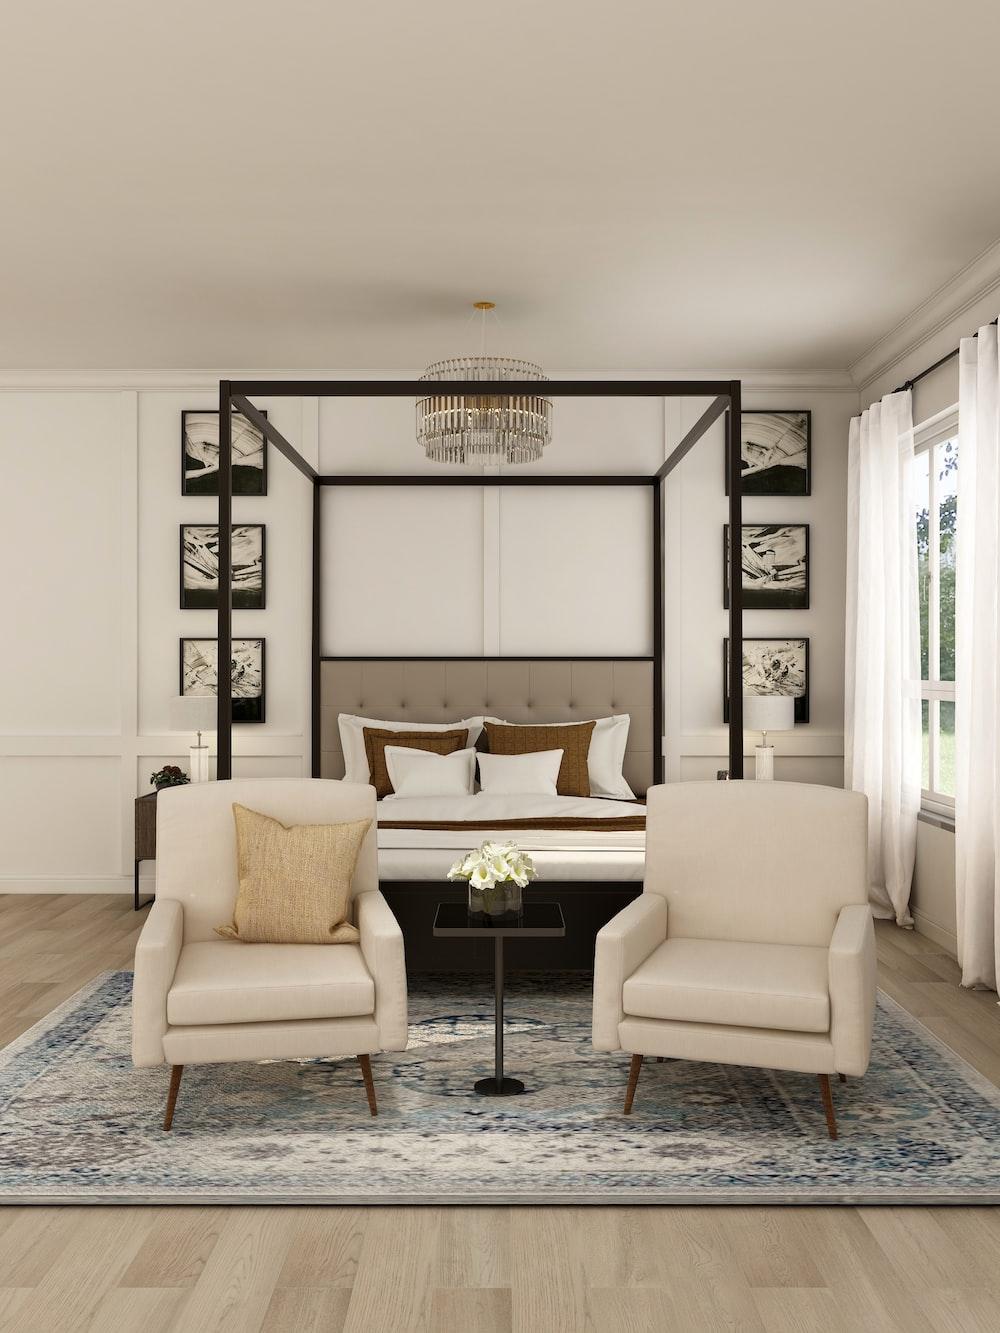 Bedroom Interior Design Pictures Download Free Images On Unsplash